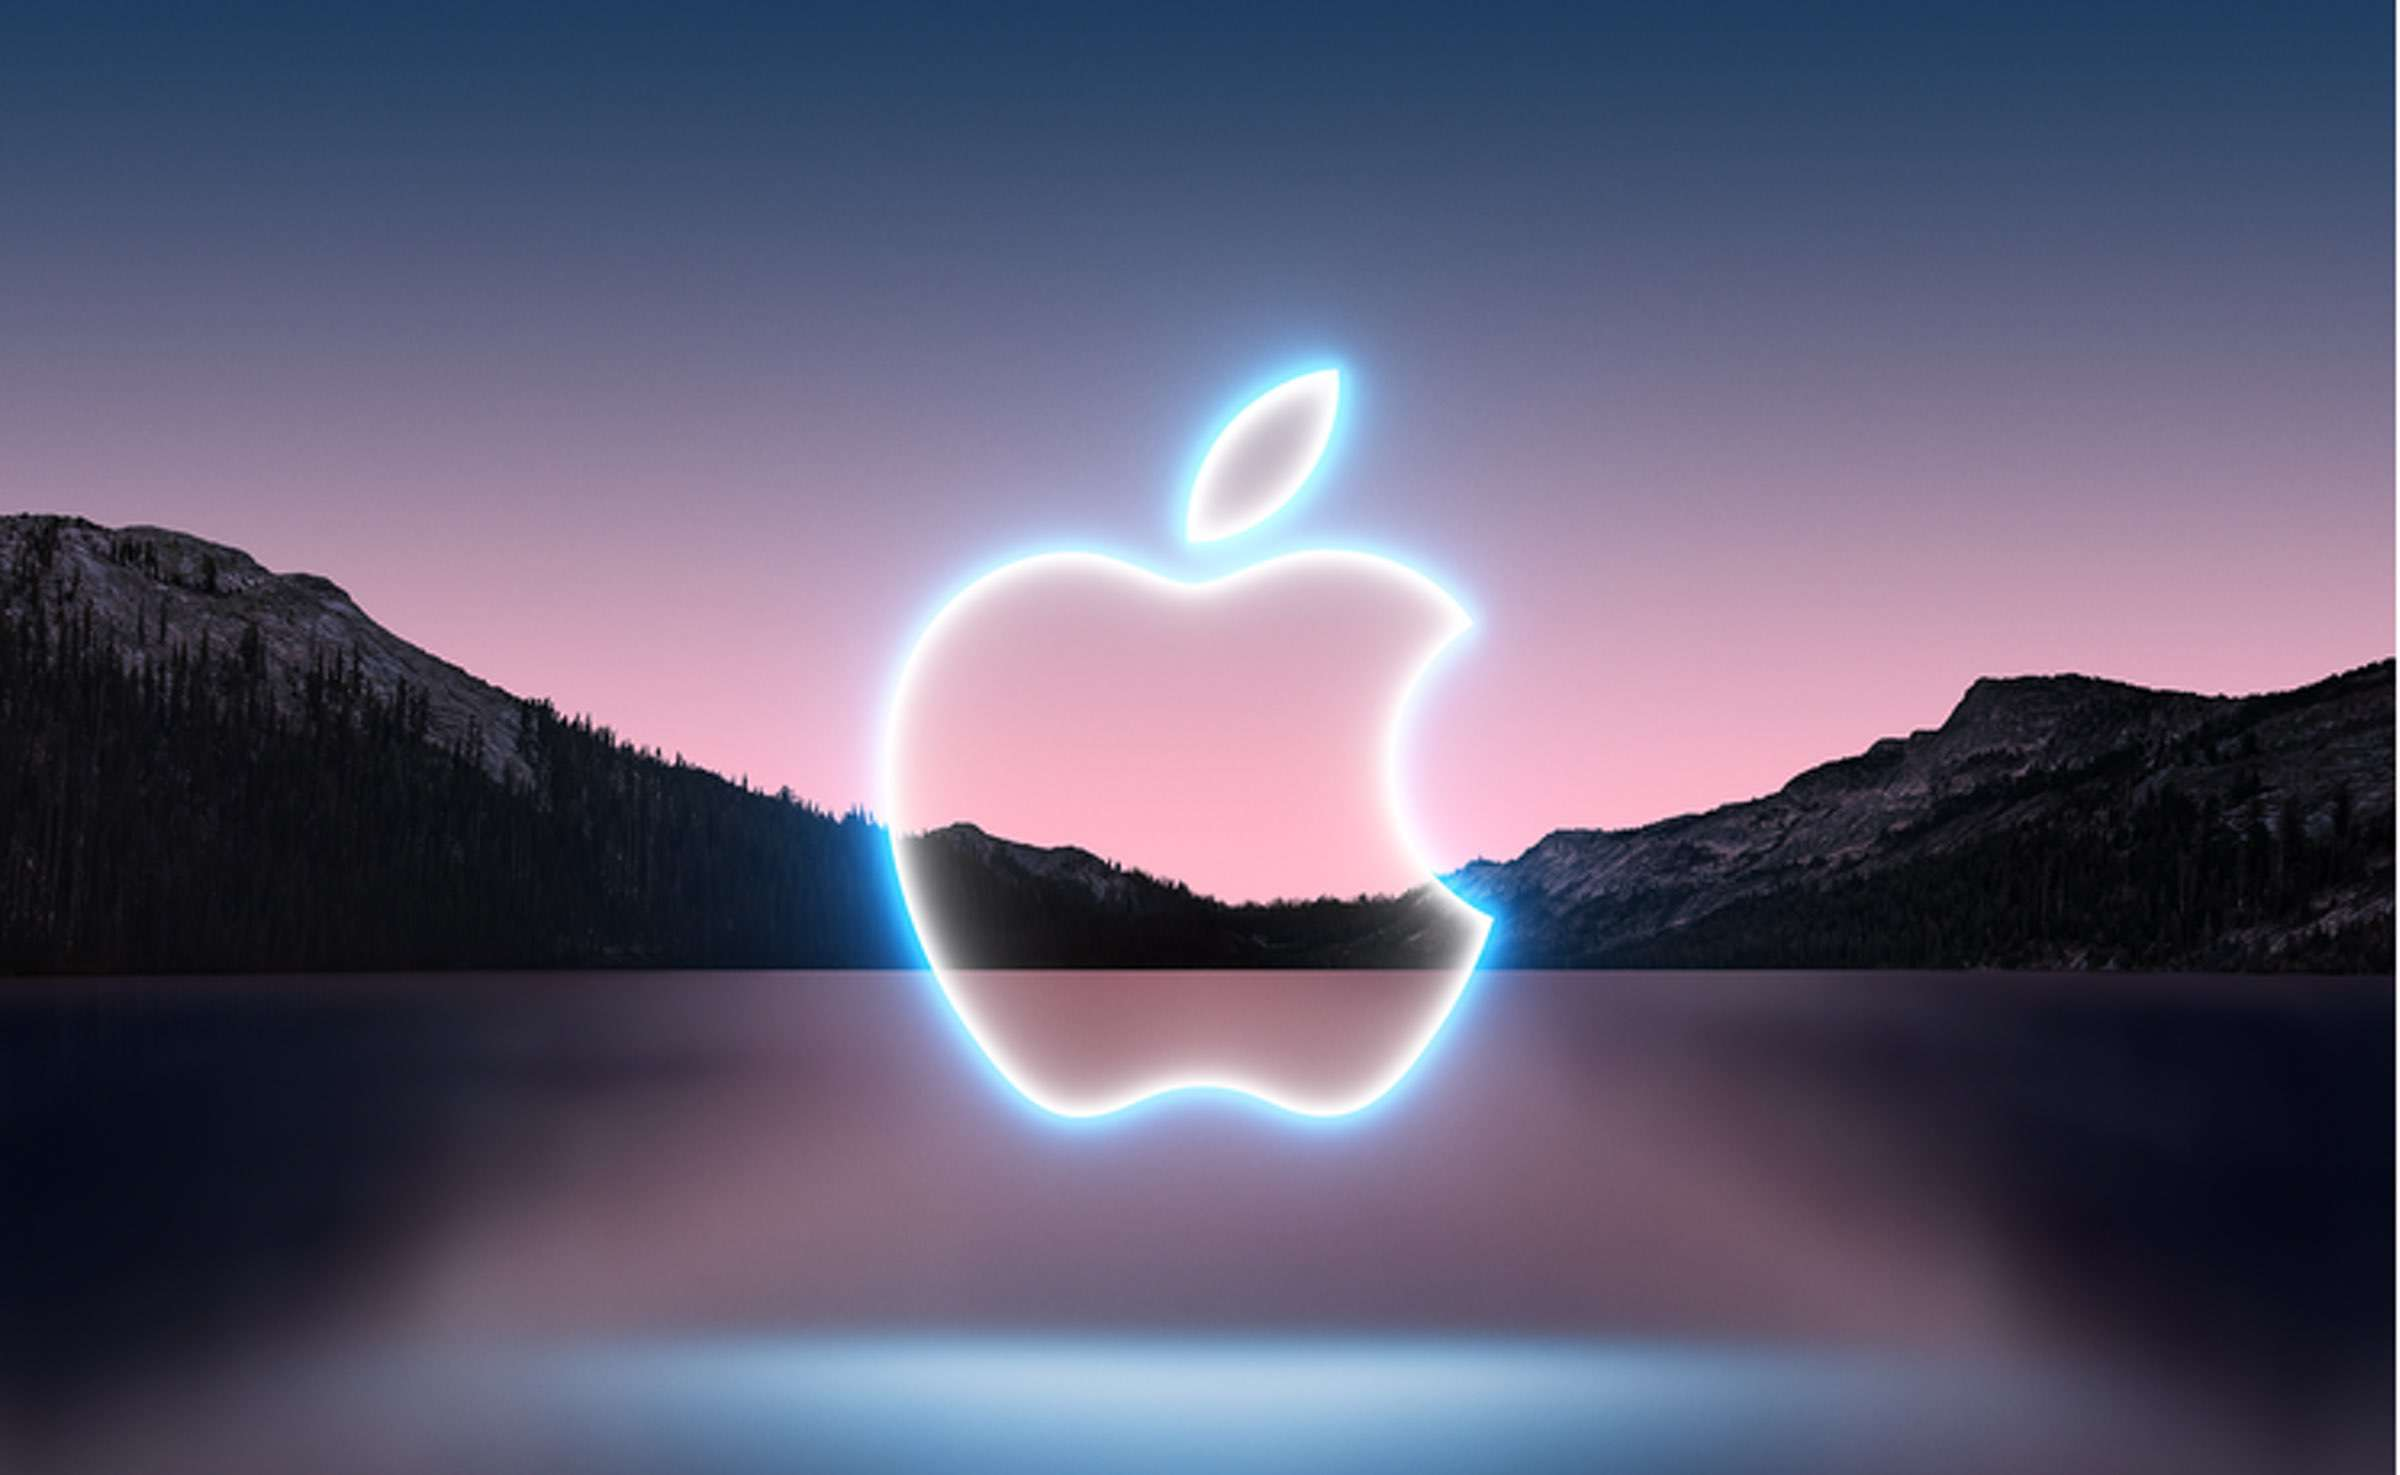 Fünf Dinge, die ich mir am iPhone 13 wünschen würde